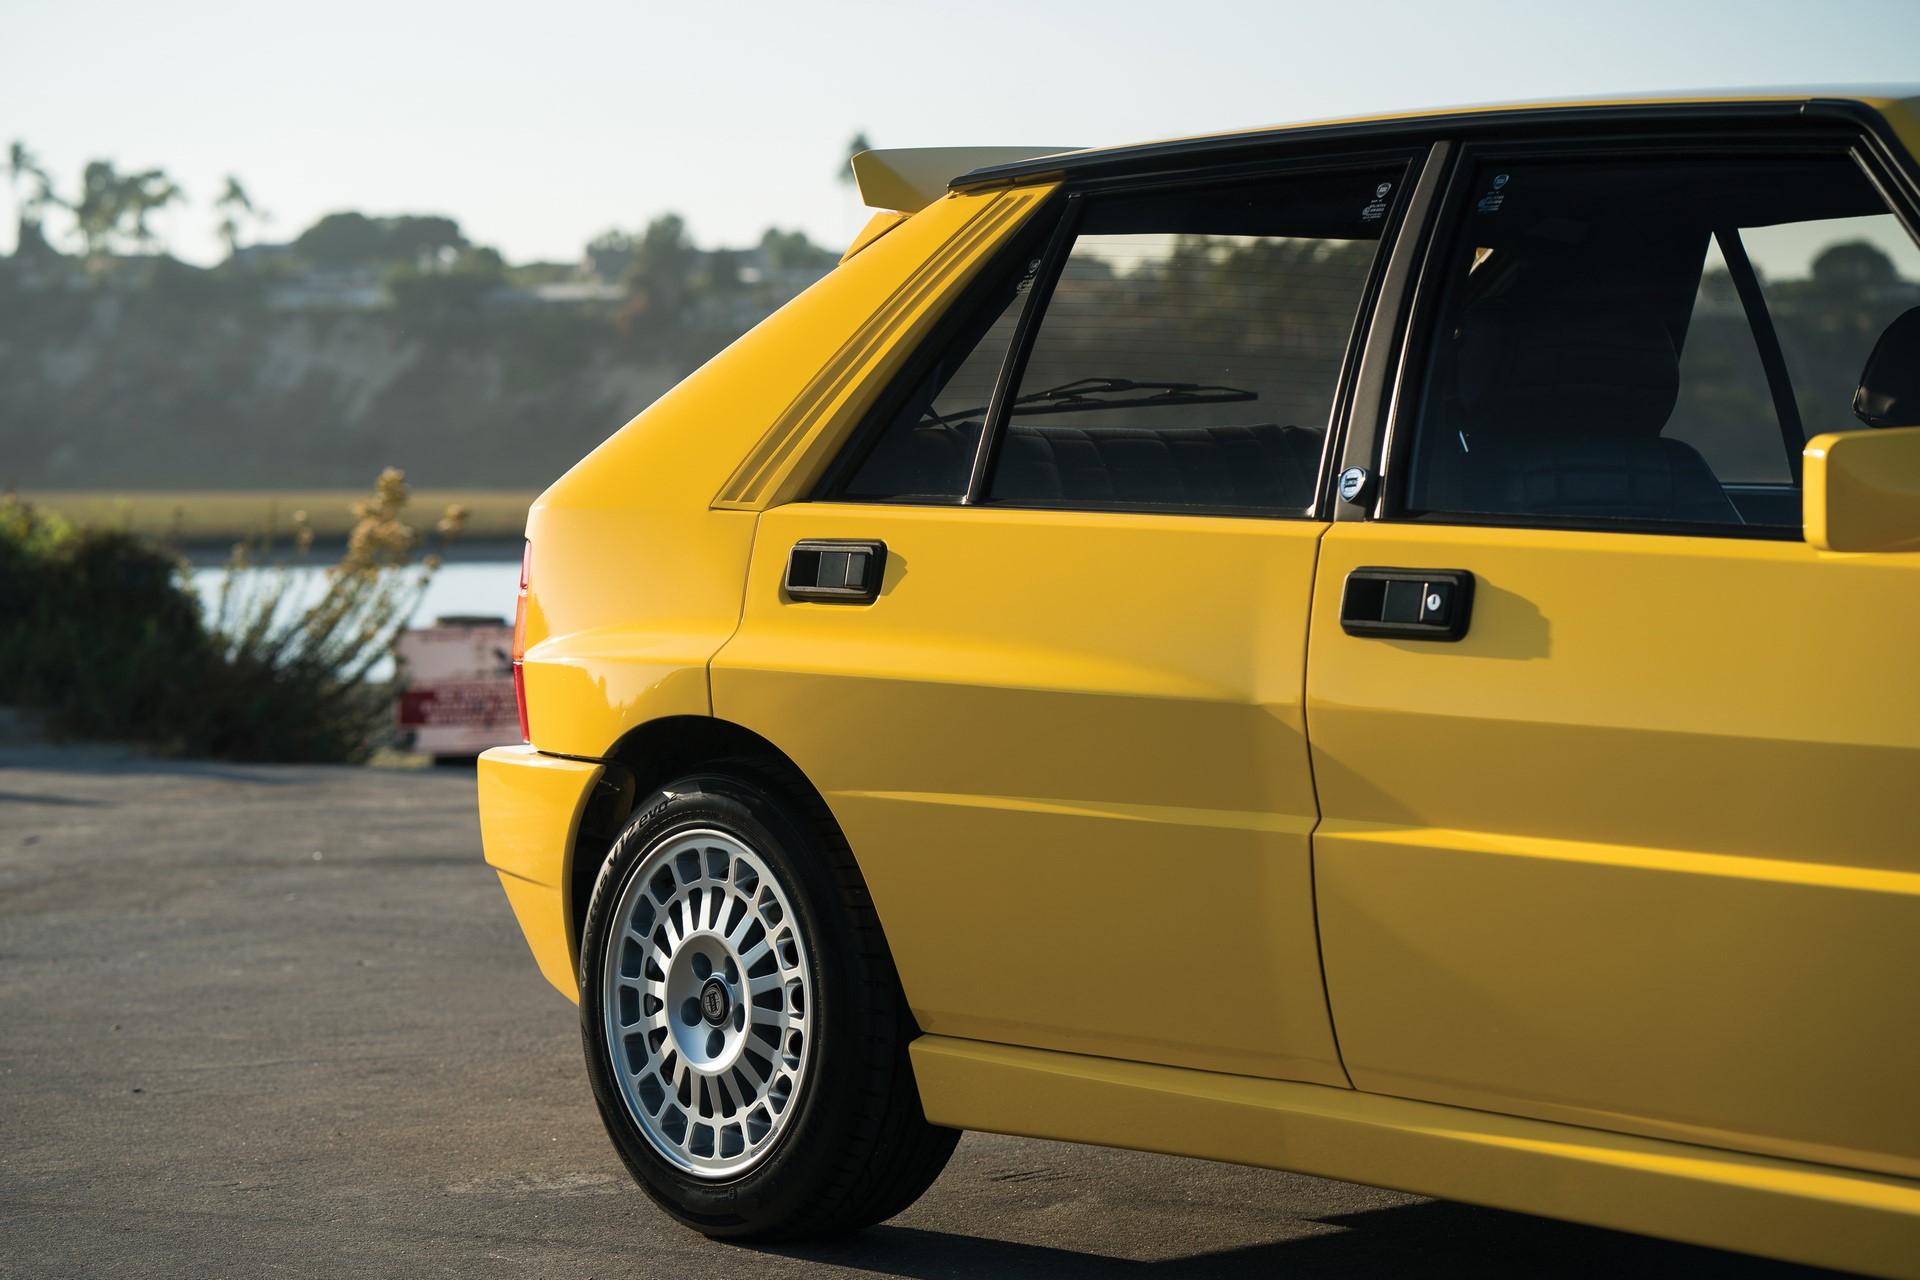 Lancia Delta HF Integrale Evoluzione 1992 (13)